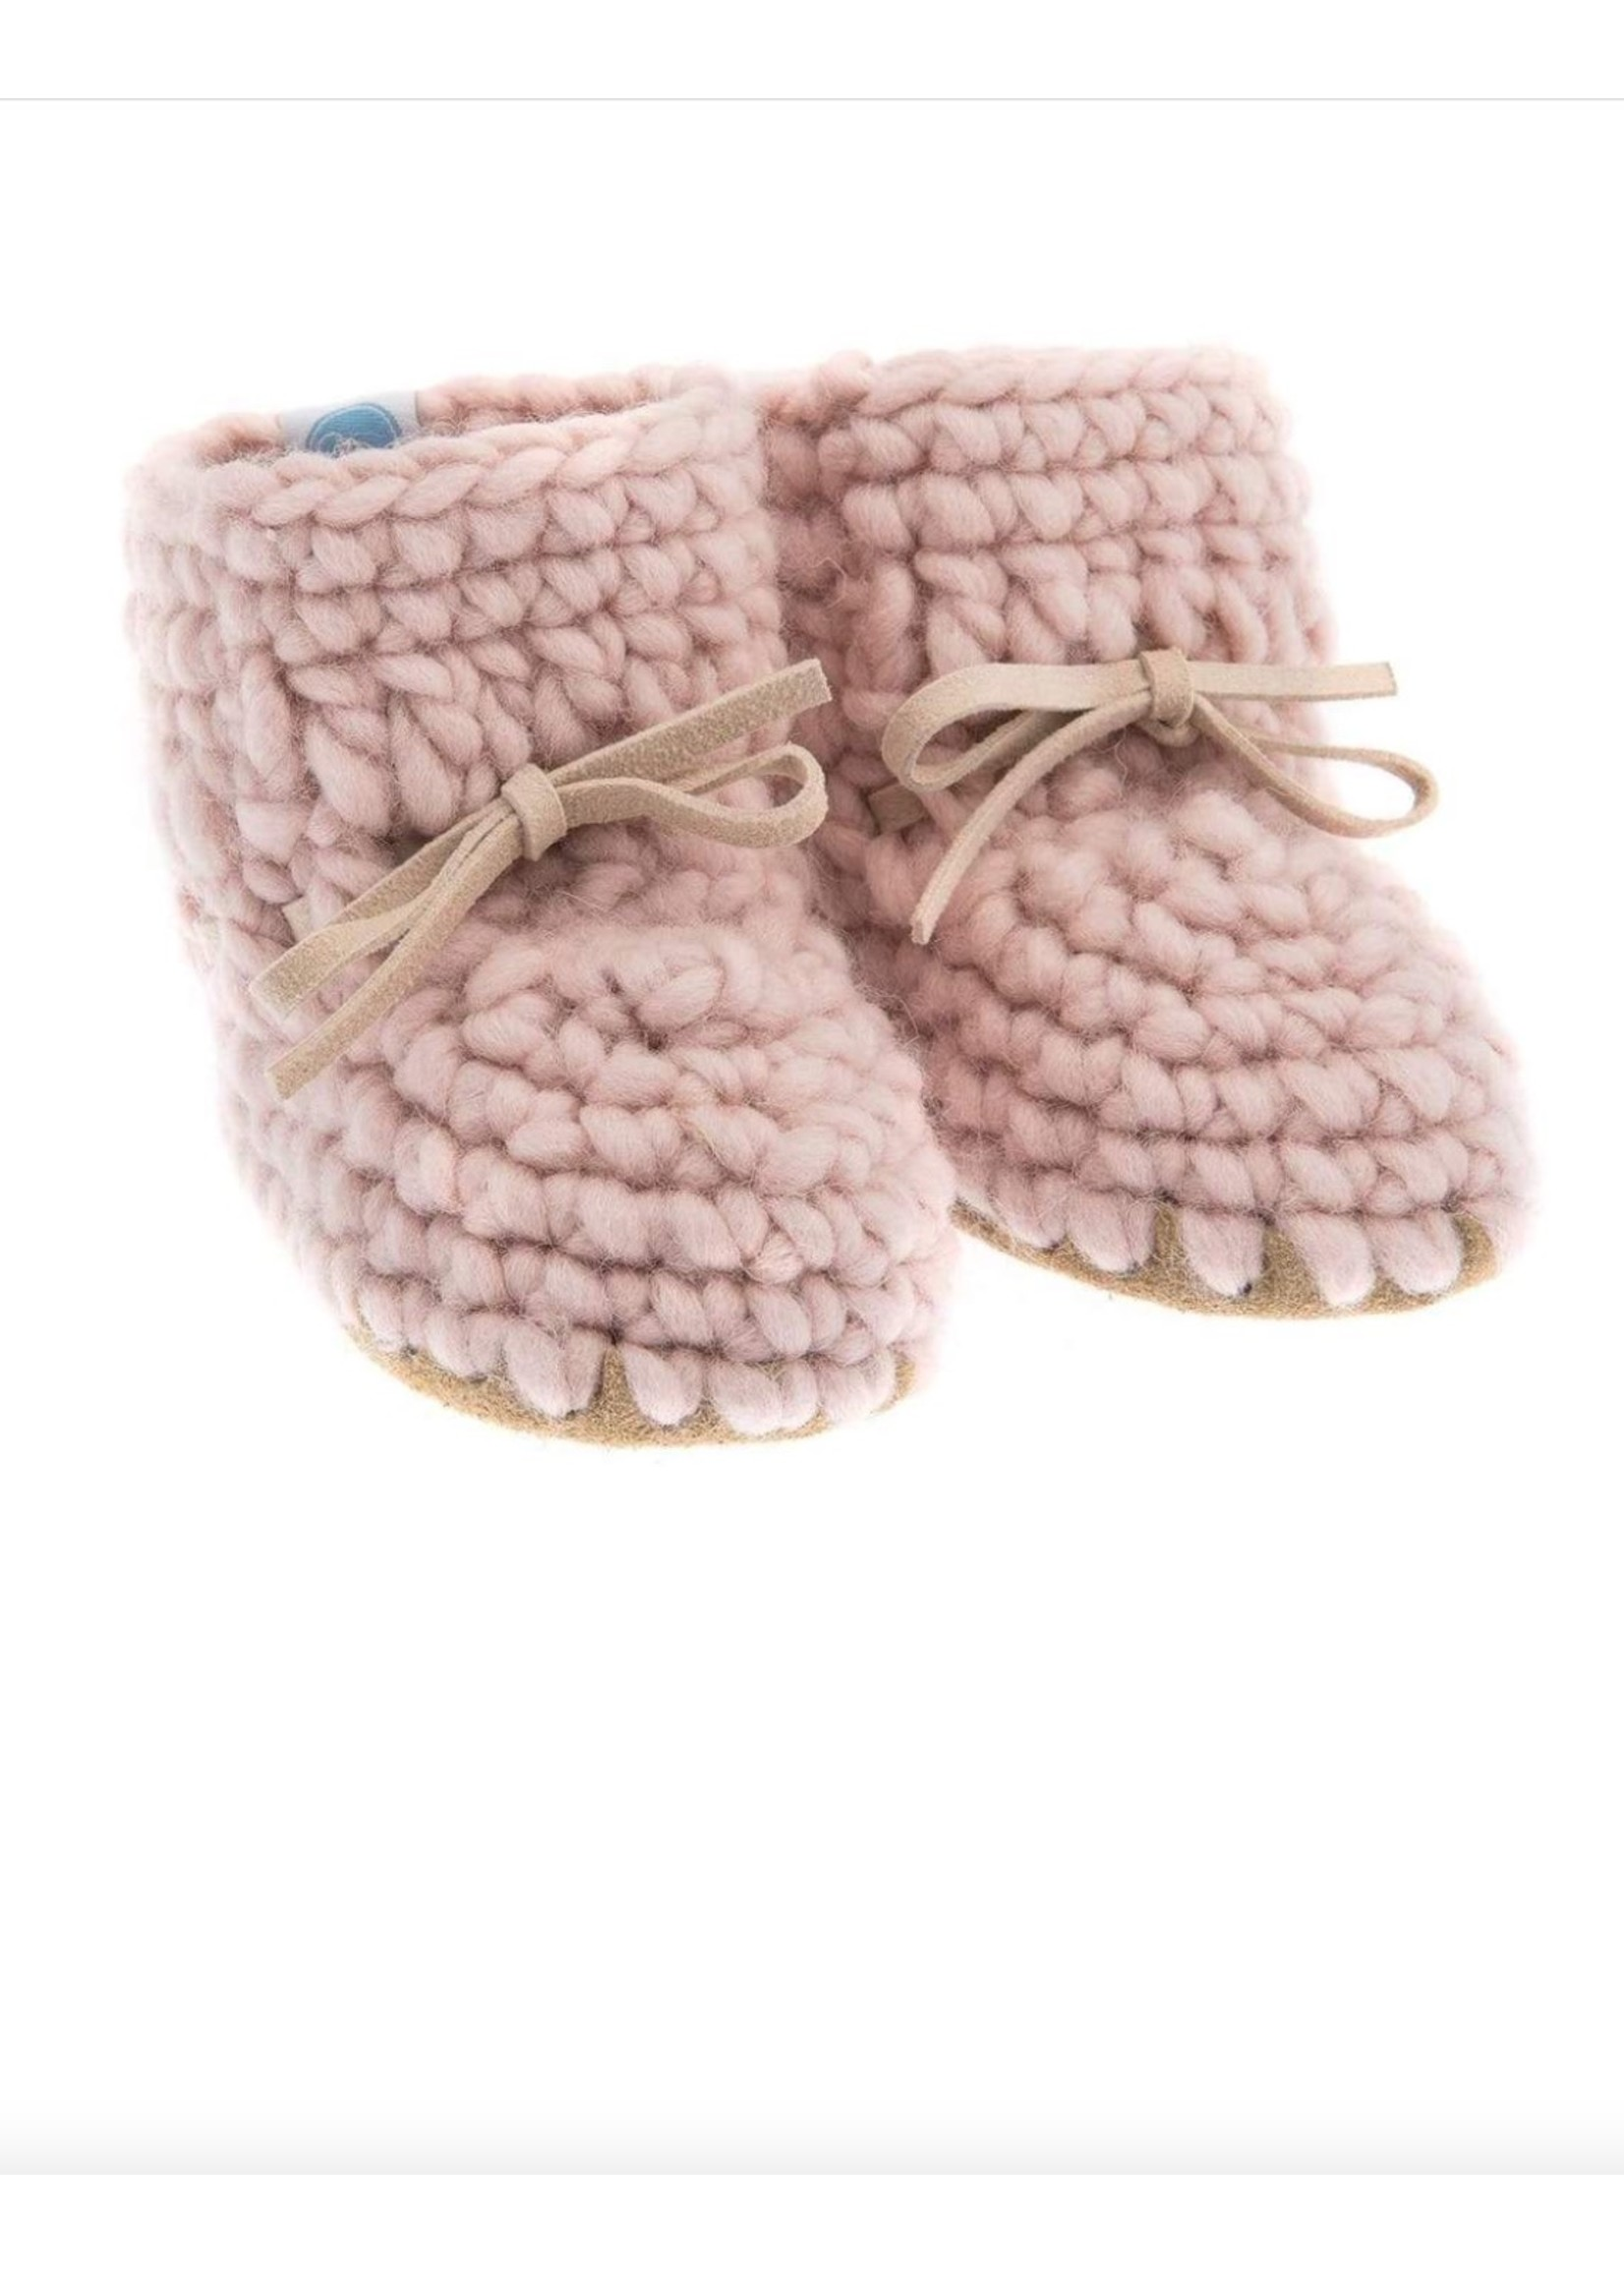 Beba Bean Bebe Bean, Sweater Mocs In Pink